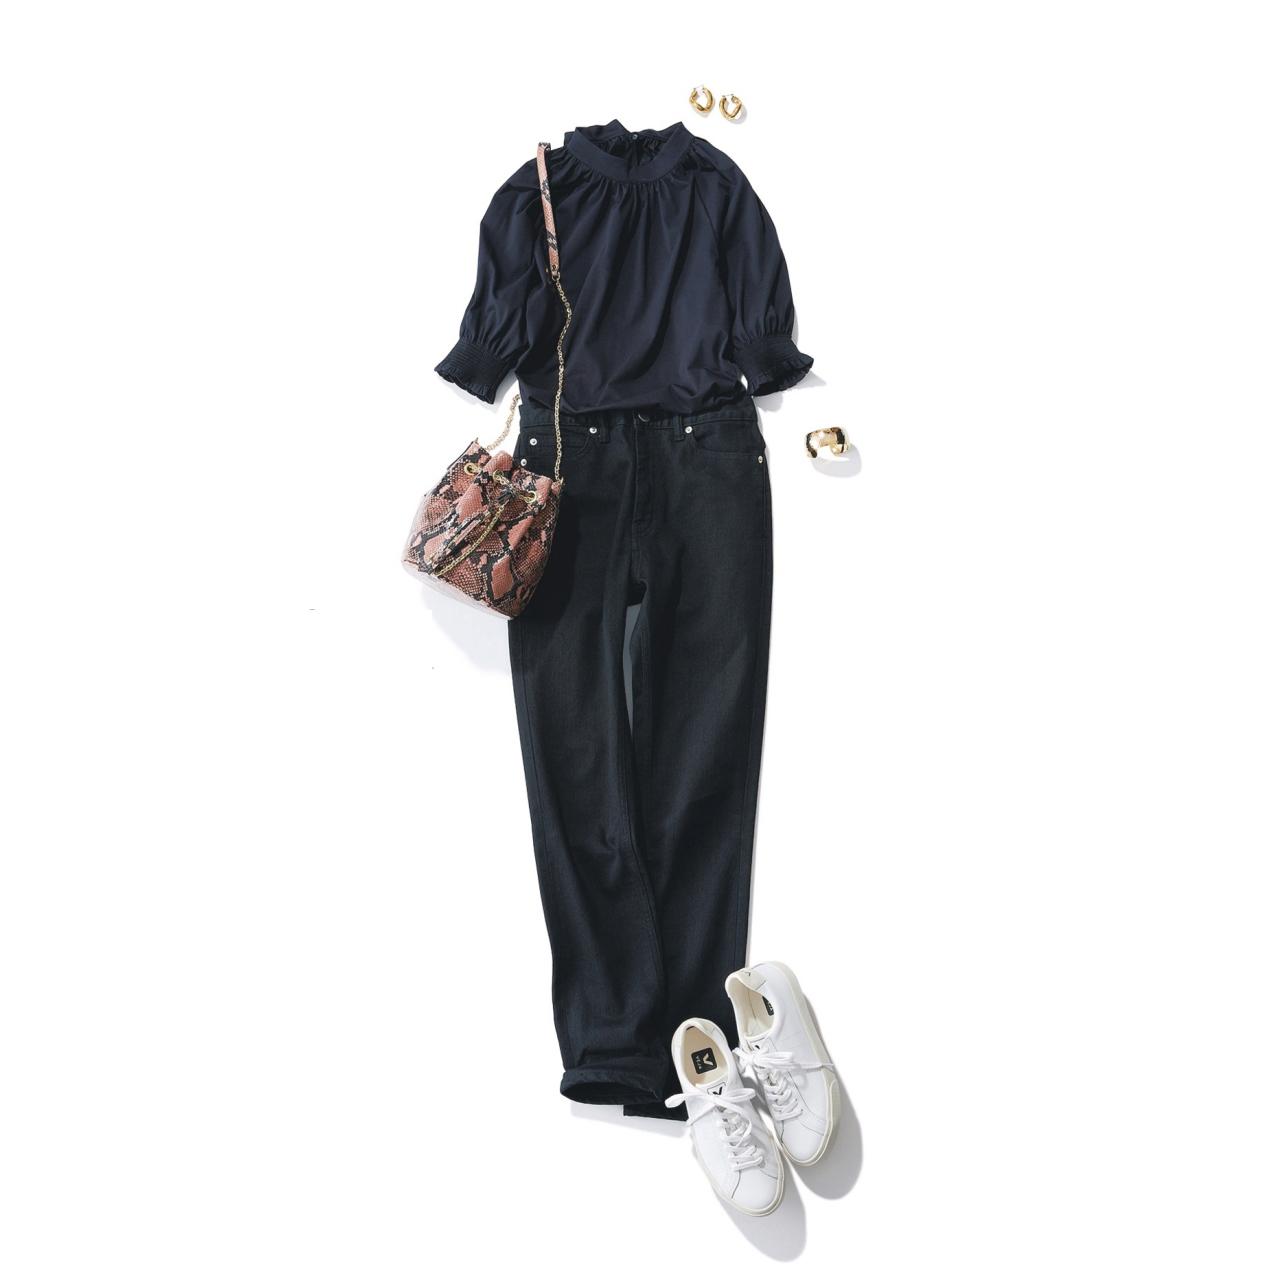 ブラックデニム×スニーカーのファッションコーデ